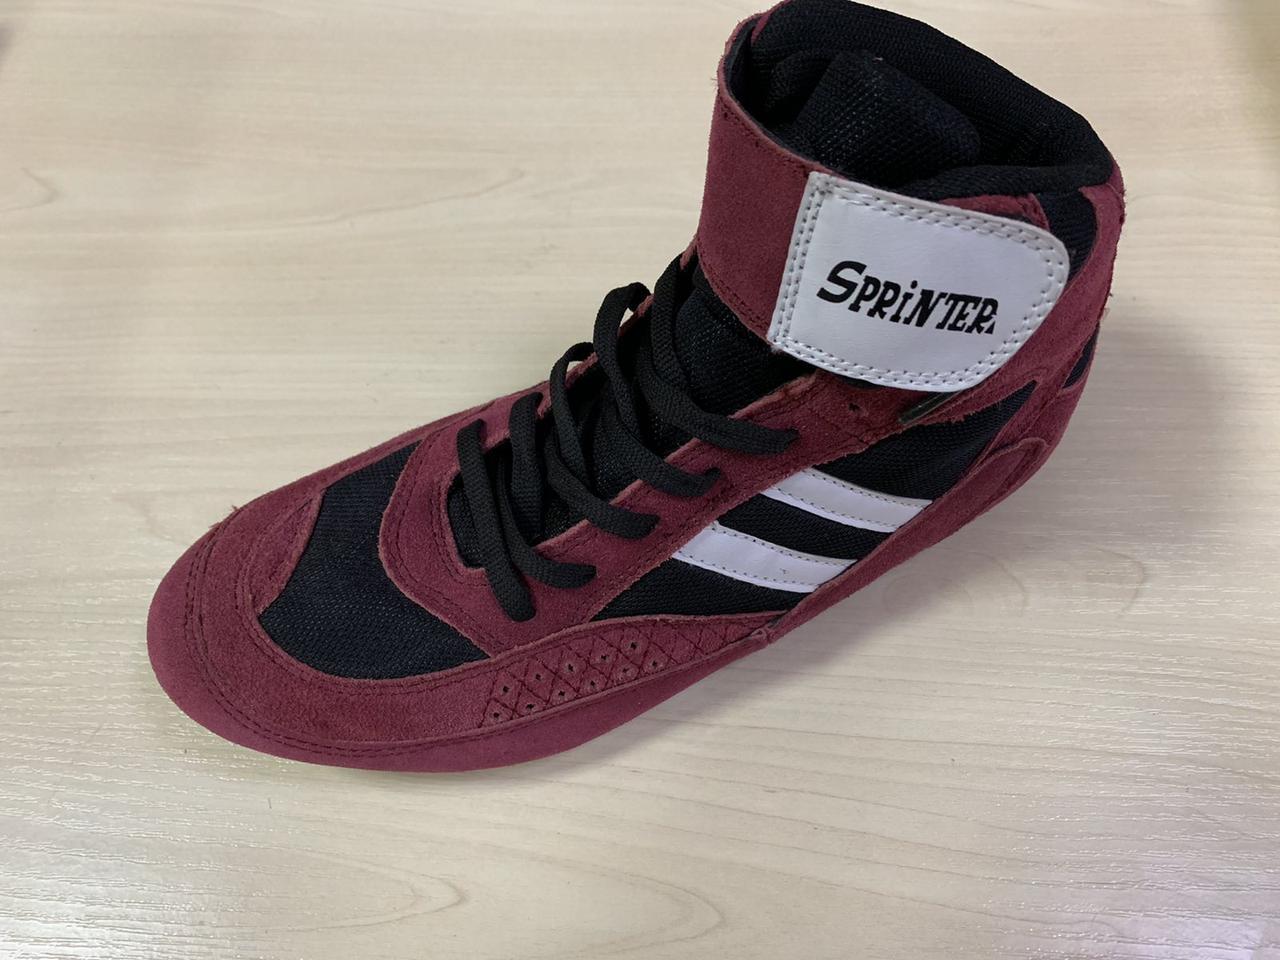 Борцовки Sprinter верх - замш, низ - нескольз.резина, красные с бел. и черн.вставками Р.45